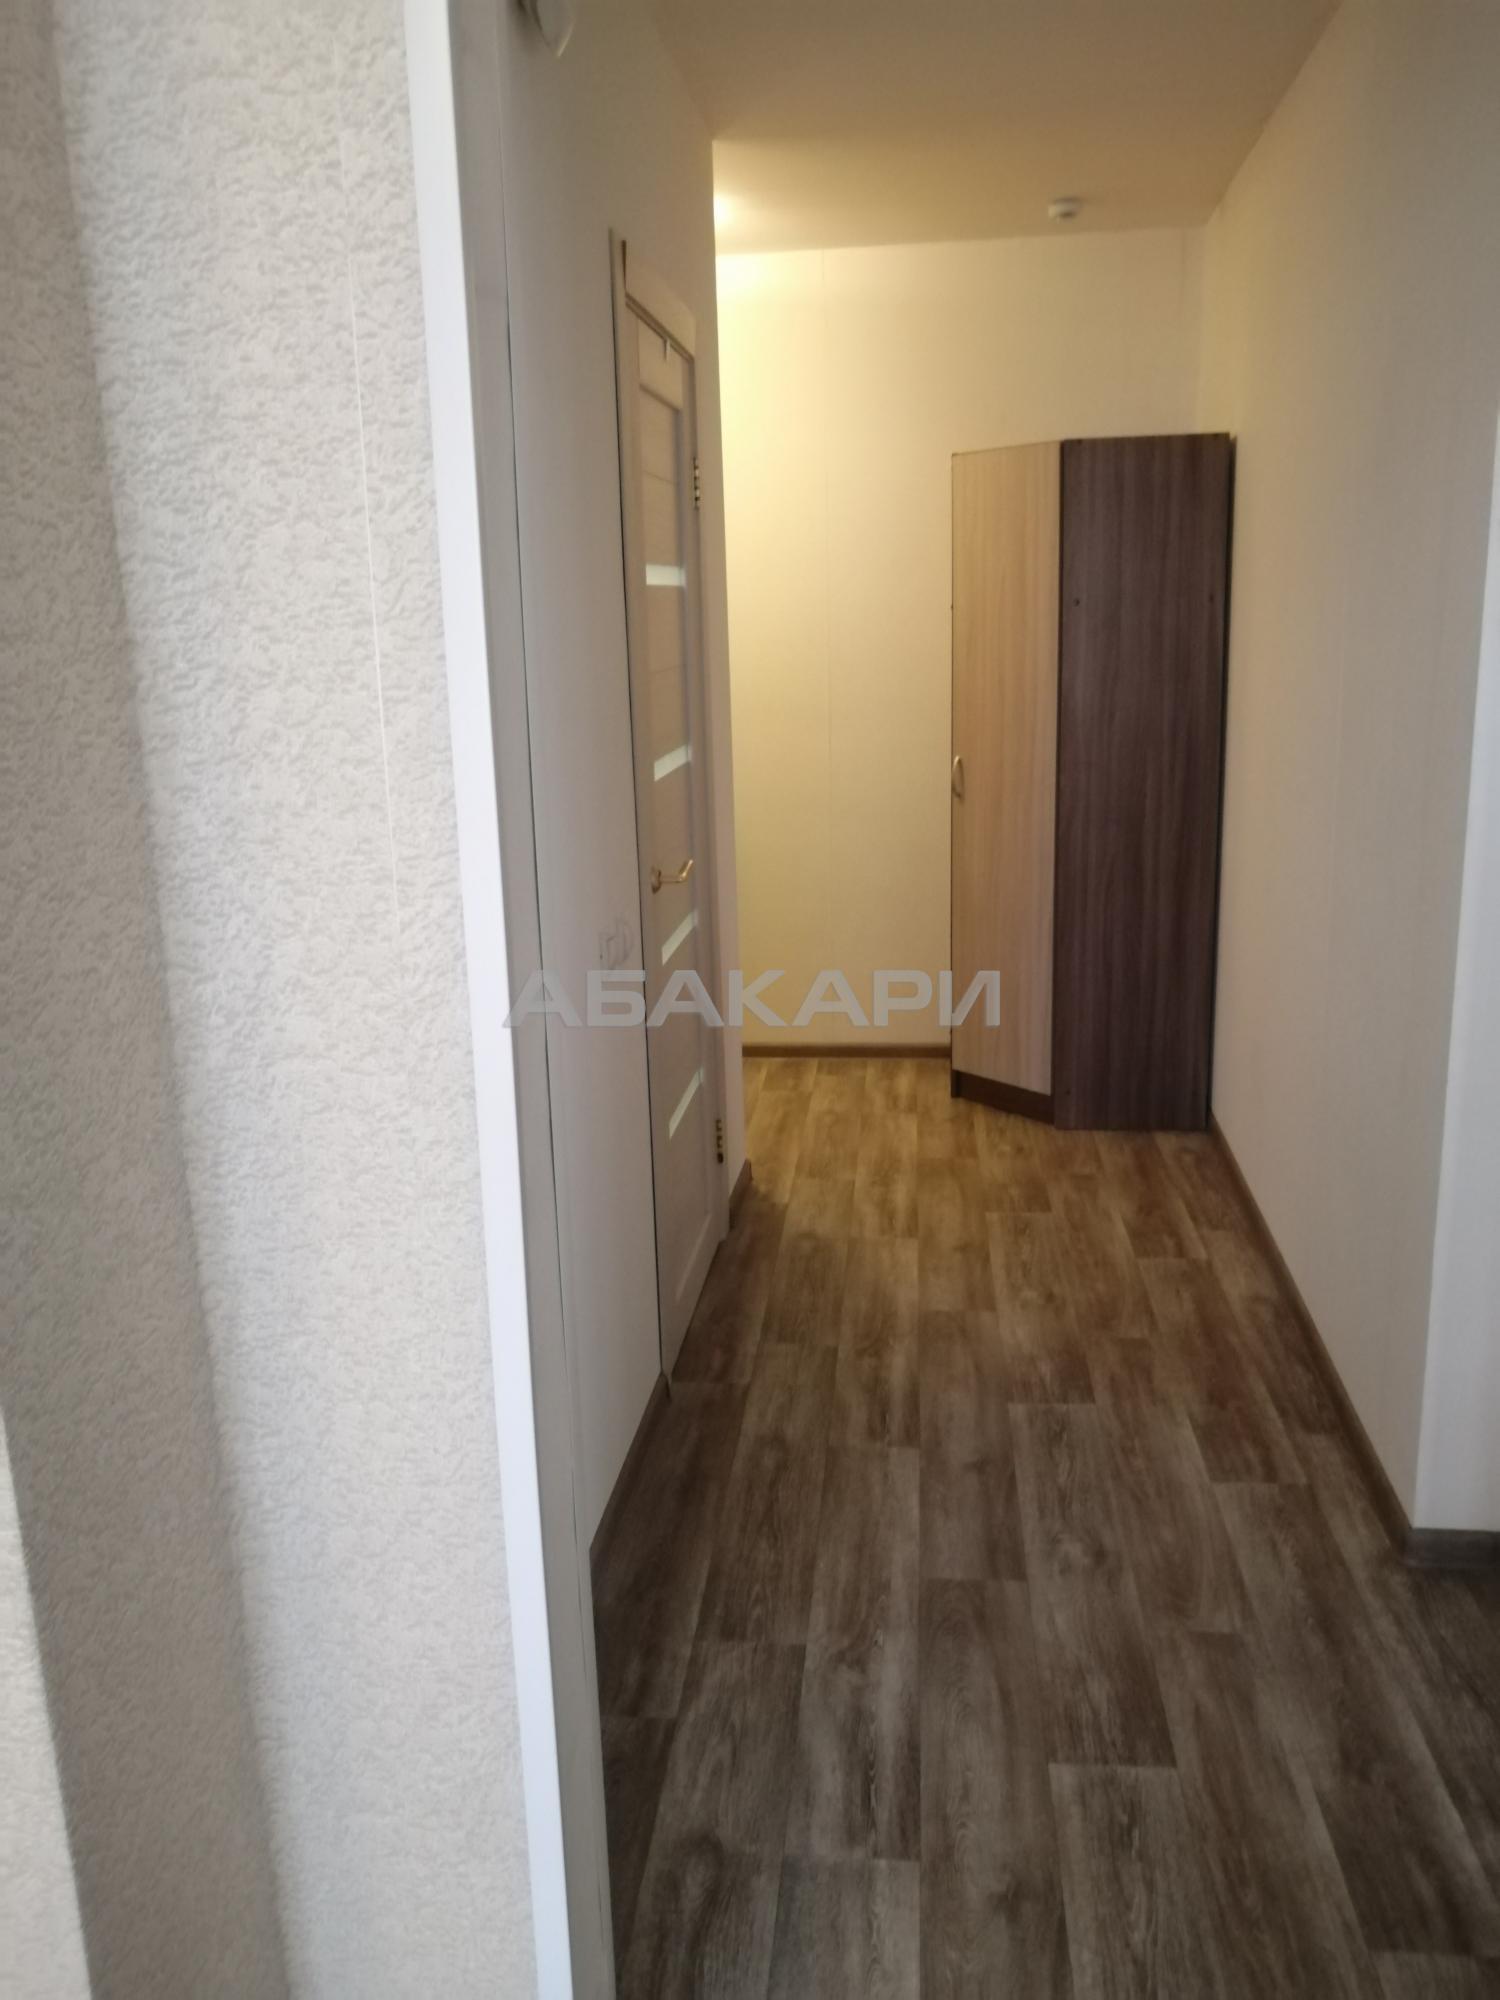 1к квартира улица Вильского, 18Д 5/25 - 38кв | 15000 | аренда в Красноярске фото 9